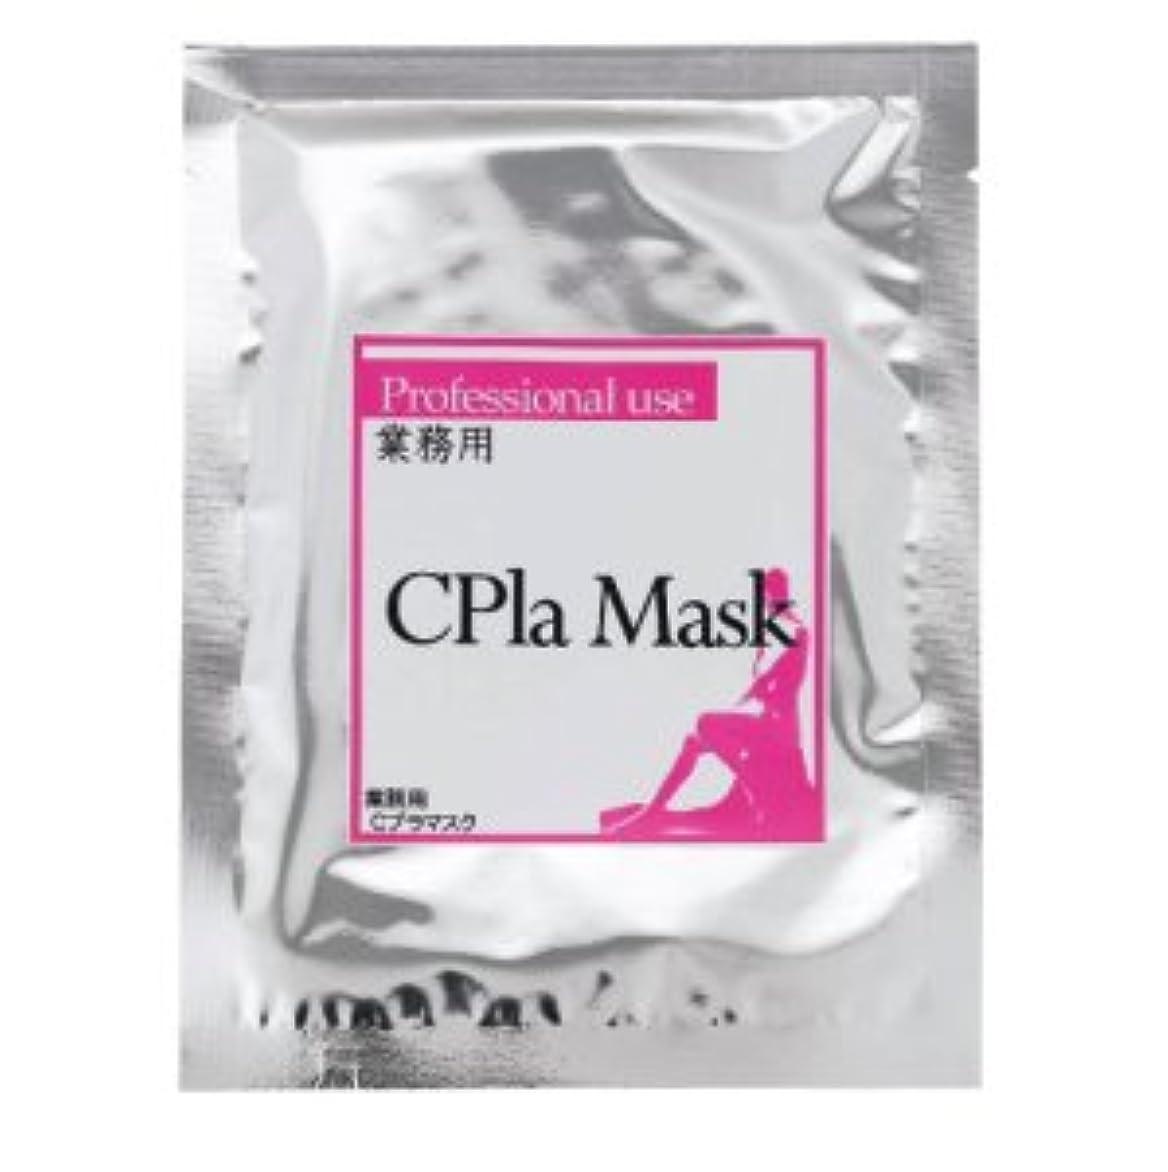 吐き出す消毒する工場【業務用】ラメンテ Cプラマスク 個包装5袋入り